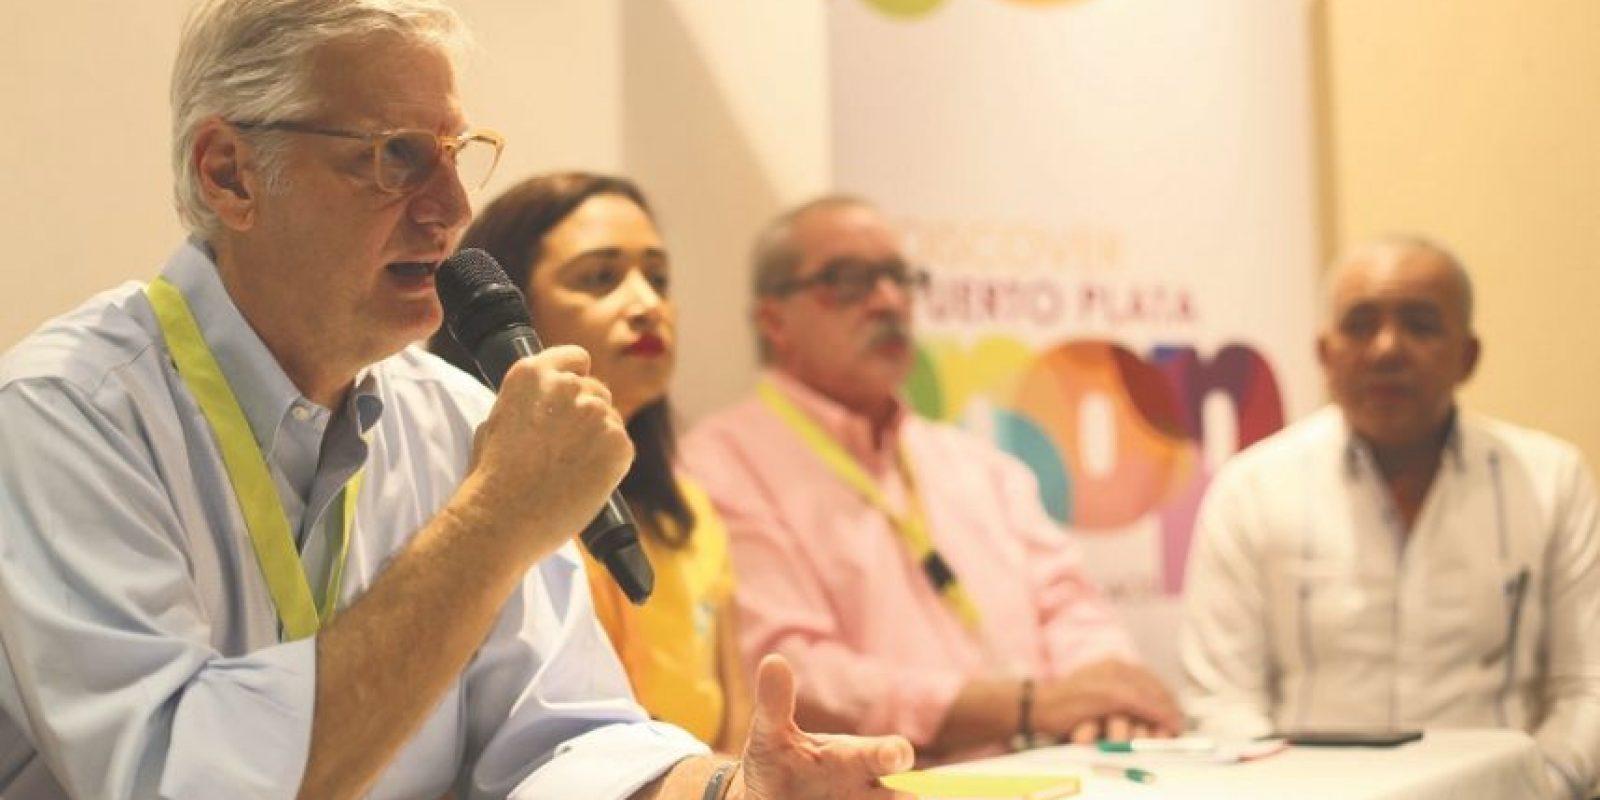 Empresas. Ronda de negociosEmpresarios y miembros del Clúster presentaron las nuevas propuestas de turismo y negocios que promoverán el incremento económico de la Costa Norte del país. Foto:Roberto Guzmán